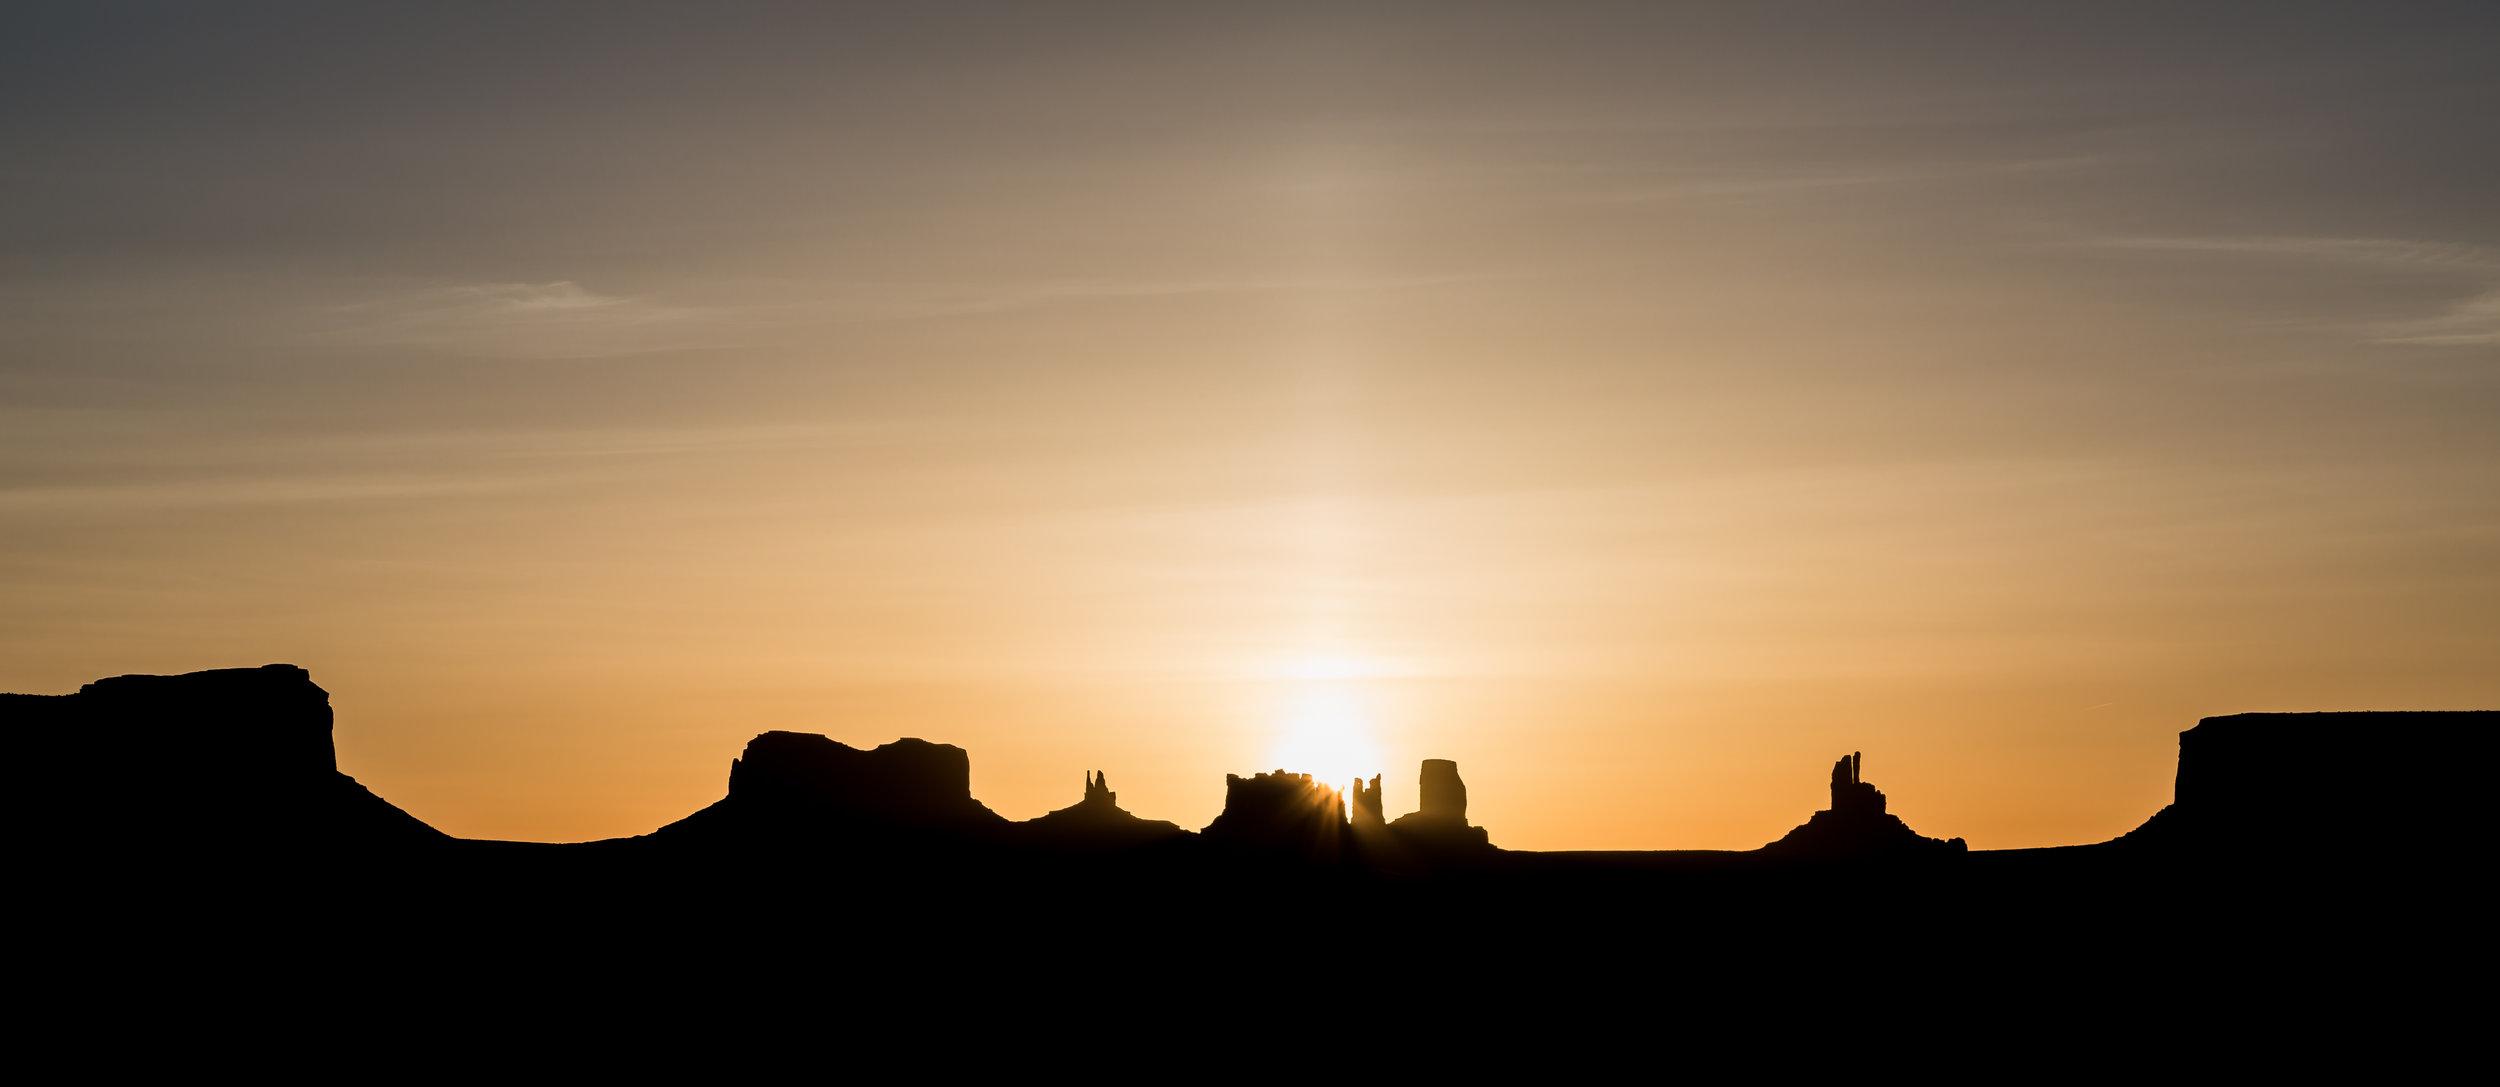 Magnificent sunrise.jpg